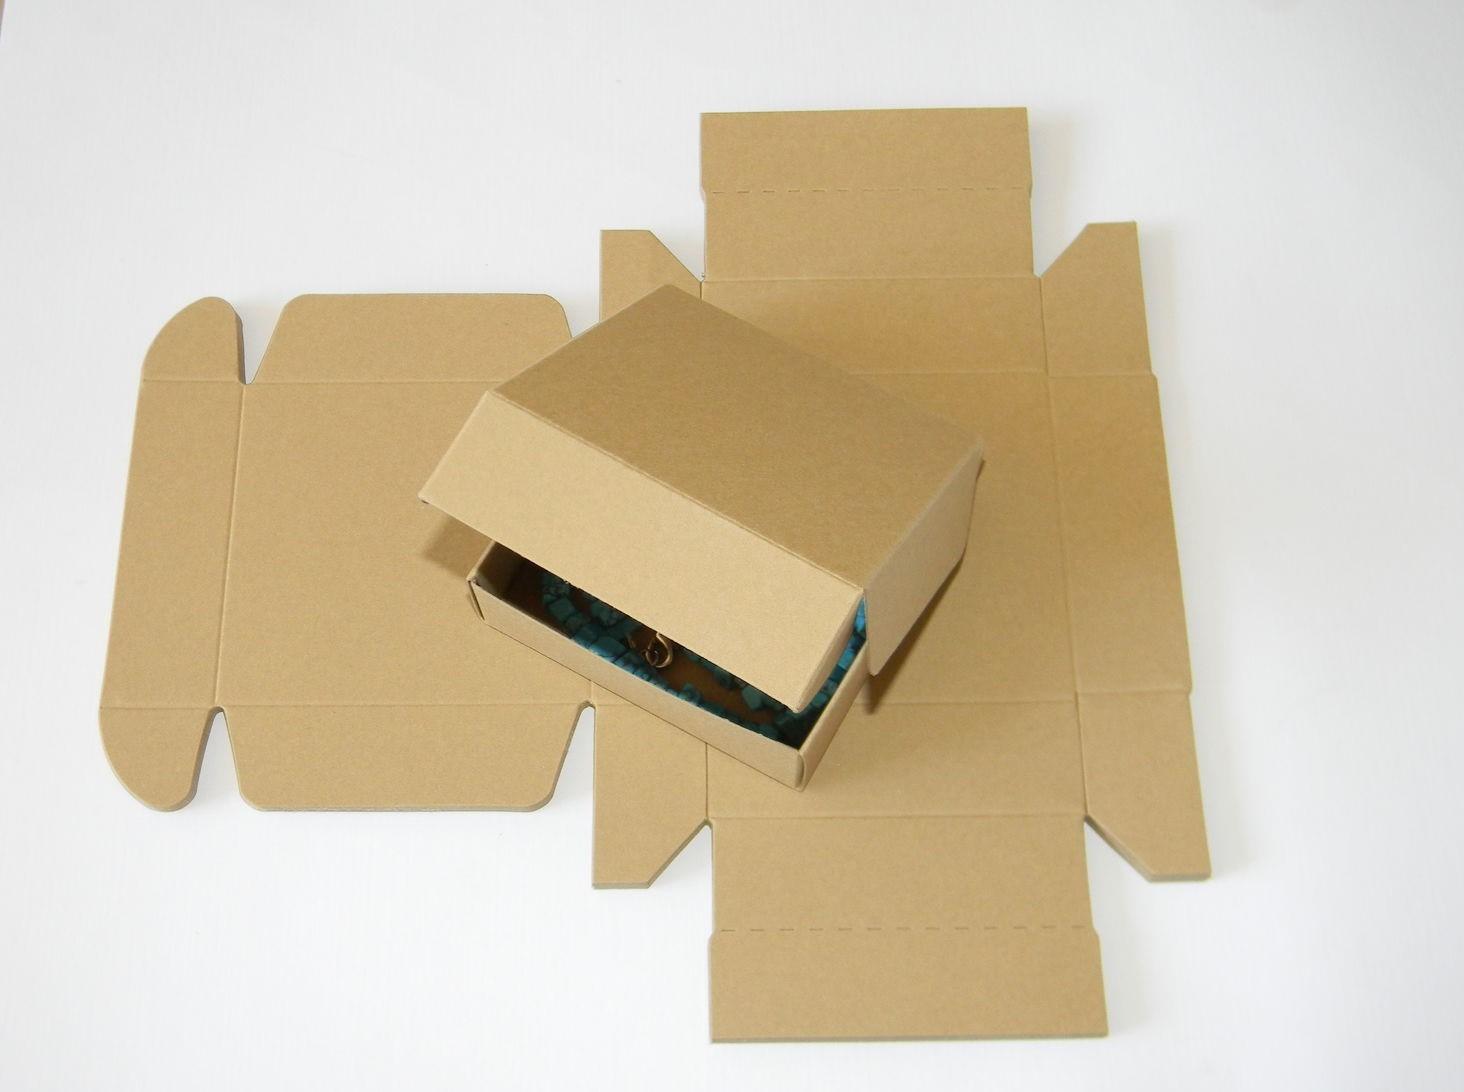 Коробка вырубная самосборная в Москве | фото 4